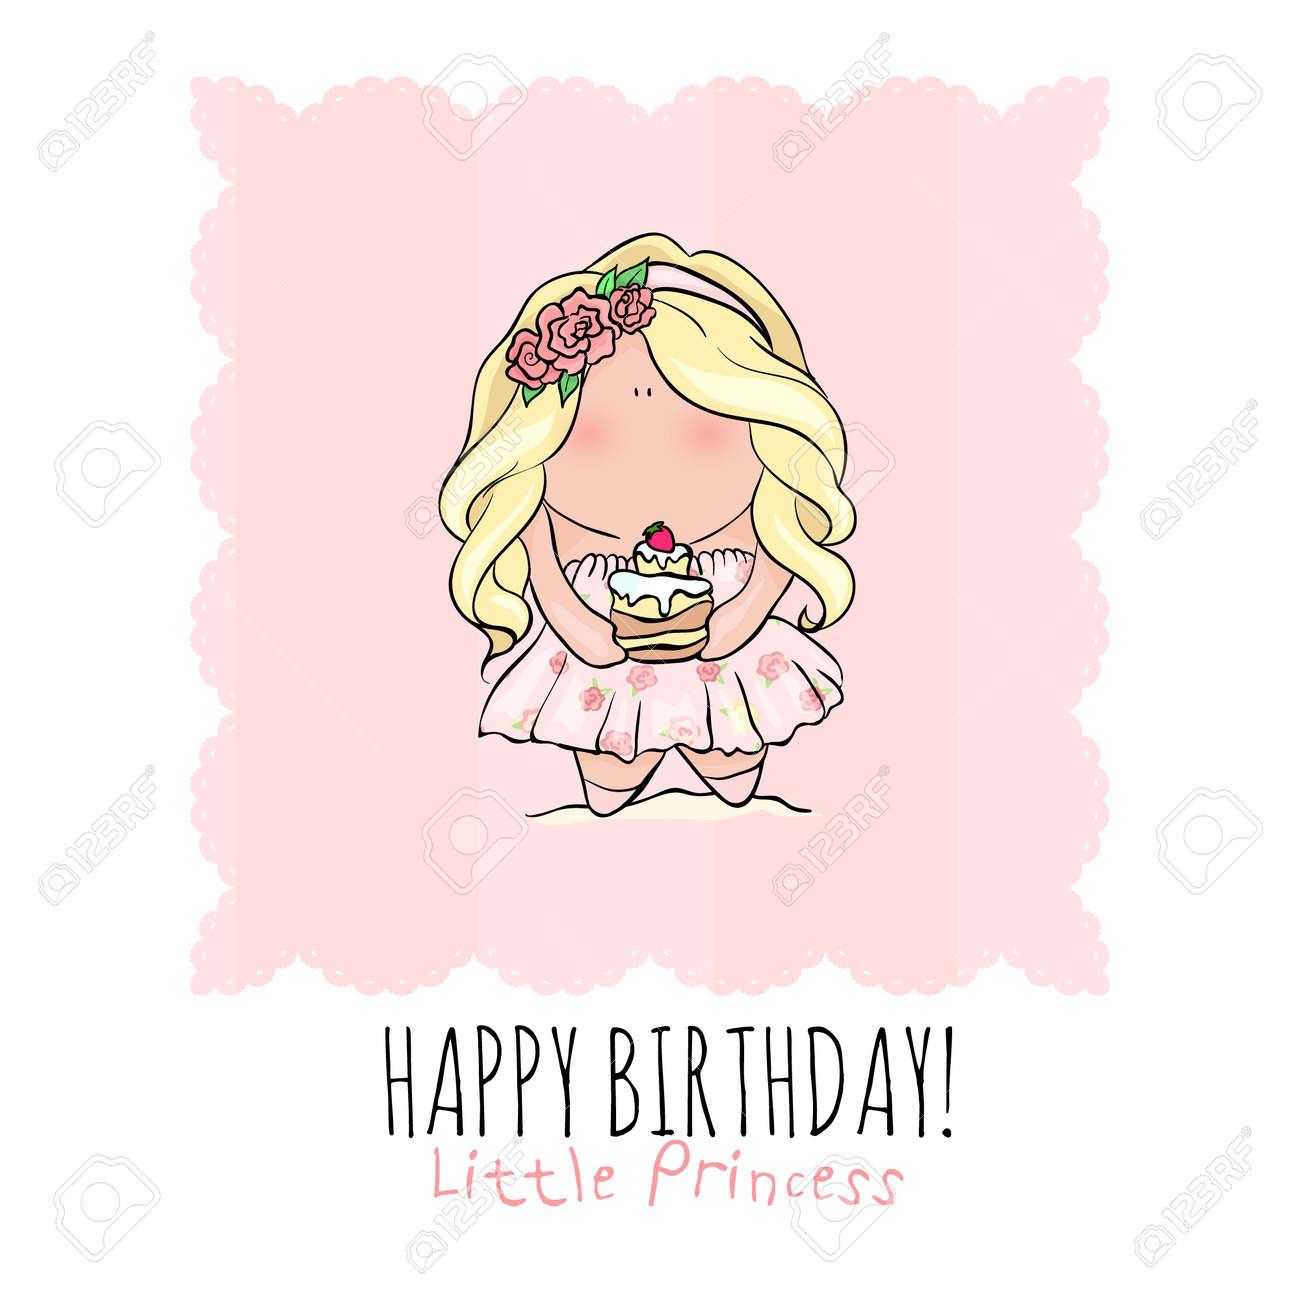 Affiche De Joyeux Anniversaire Dans Le Style Mignon De Griffonnage Petite Fille Gâteau Holding Couleur Bleu Et Rose Princesse Avec Petit Gâteau